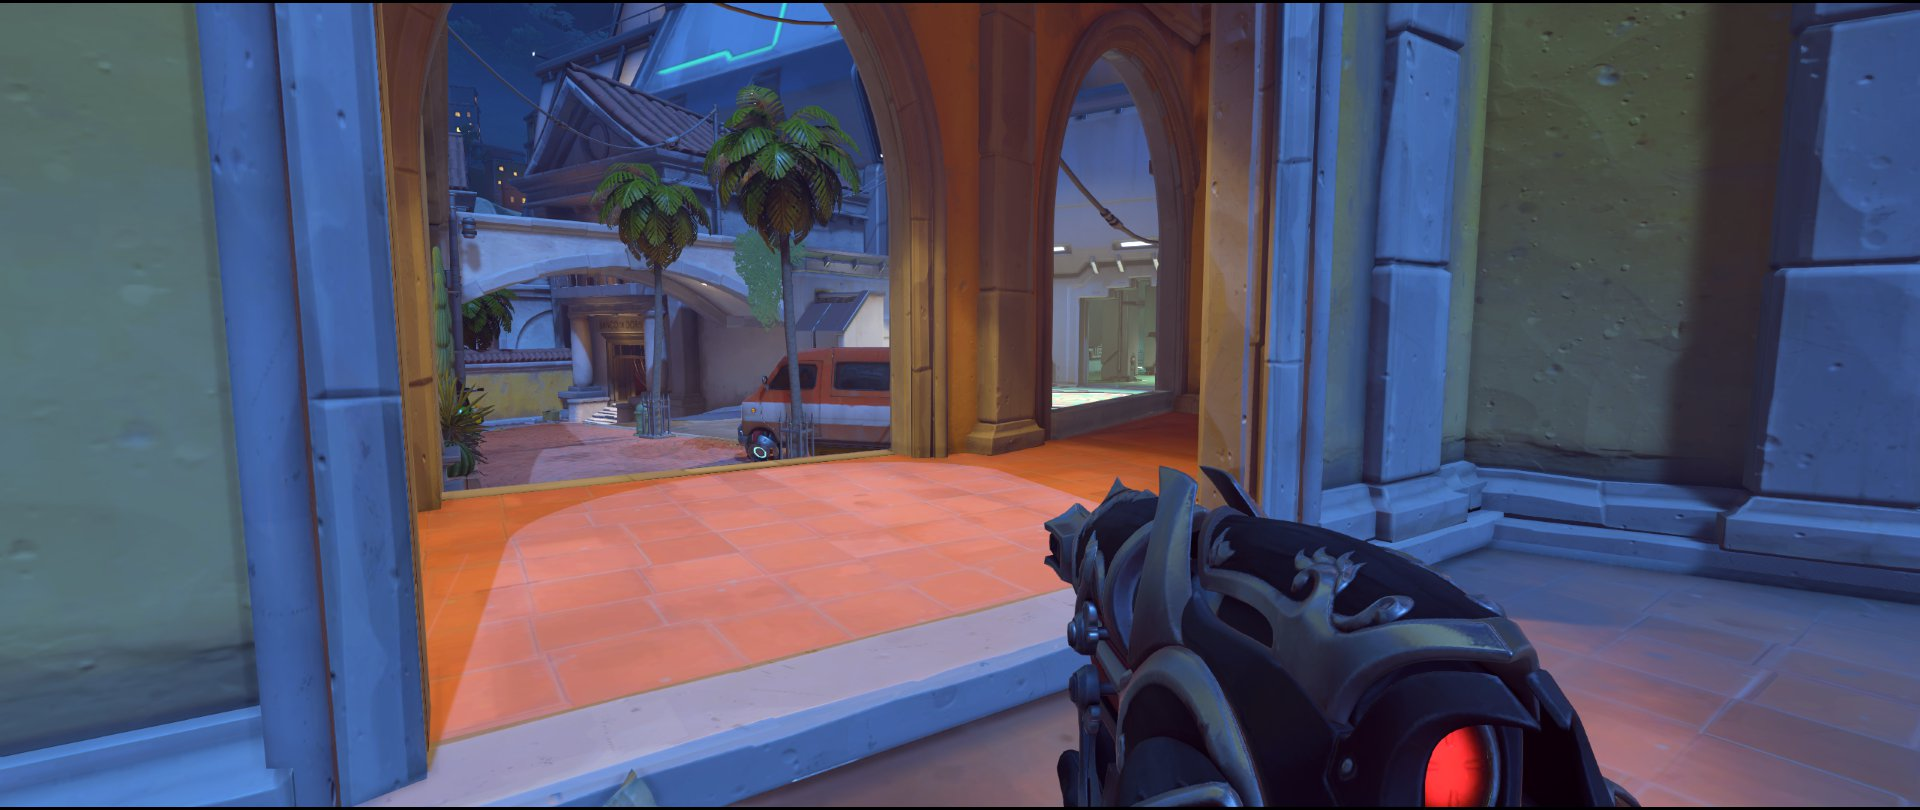 Courtyard to point attack sniping spot Widowmaker Dorado.jpg